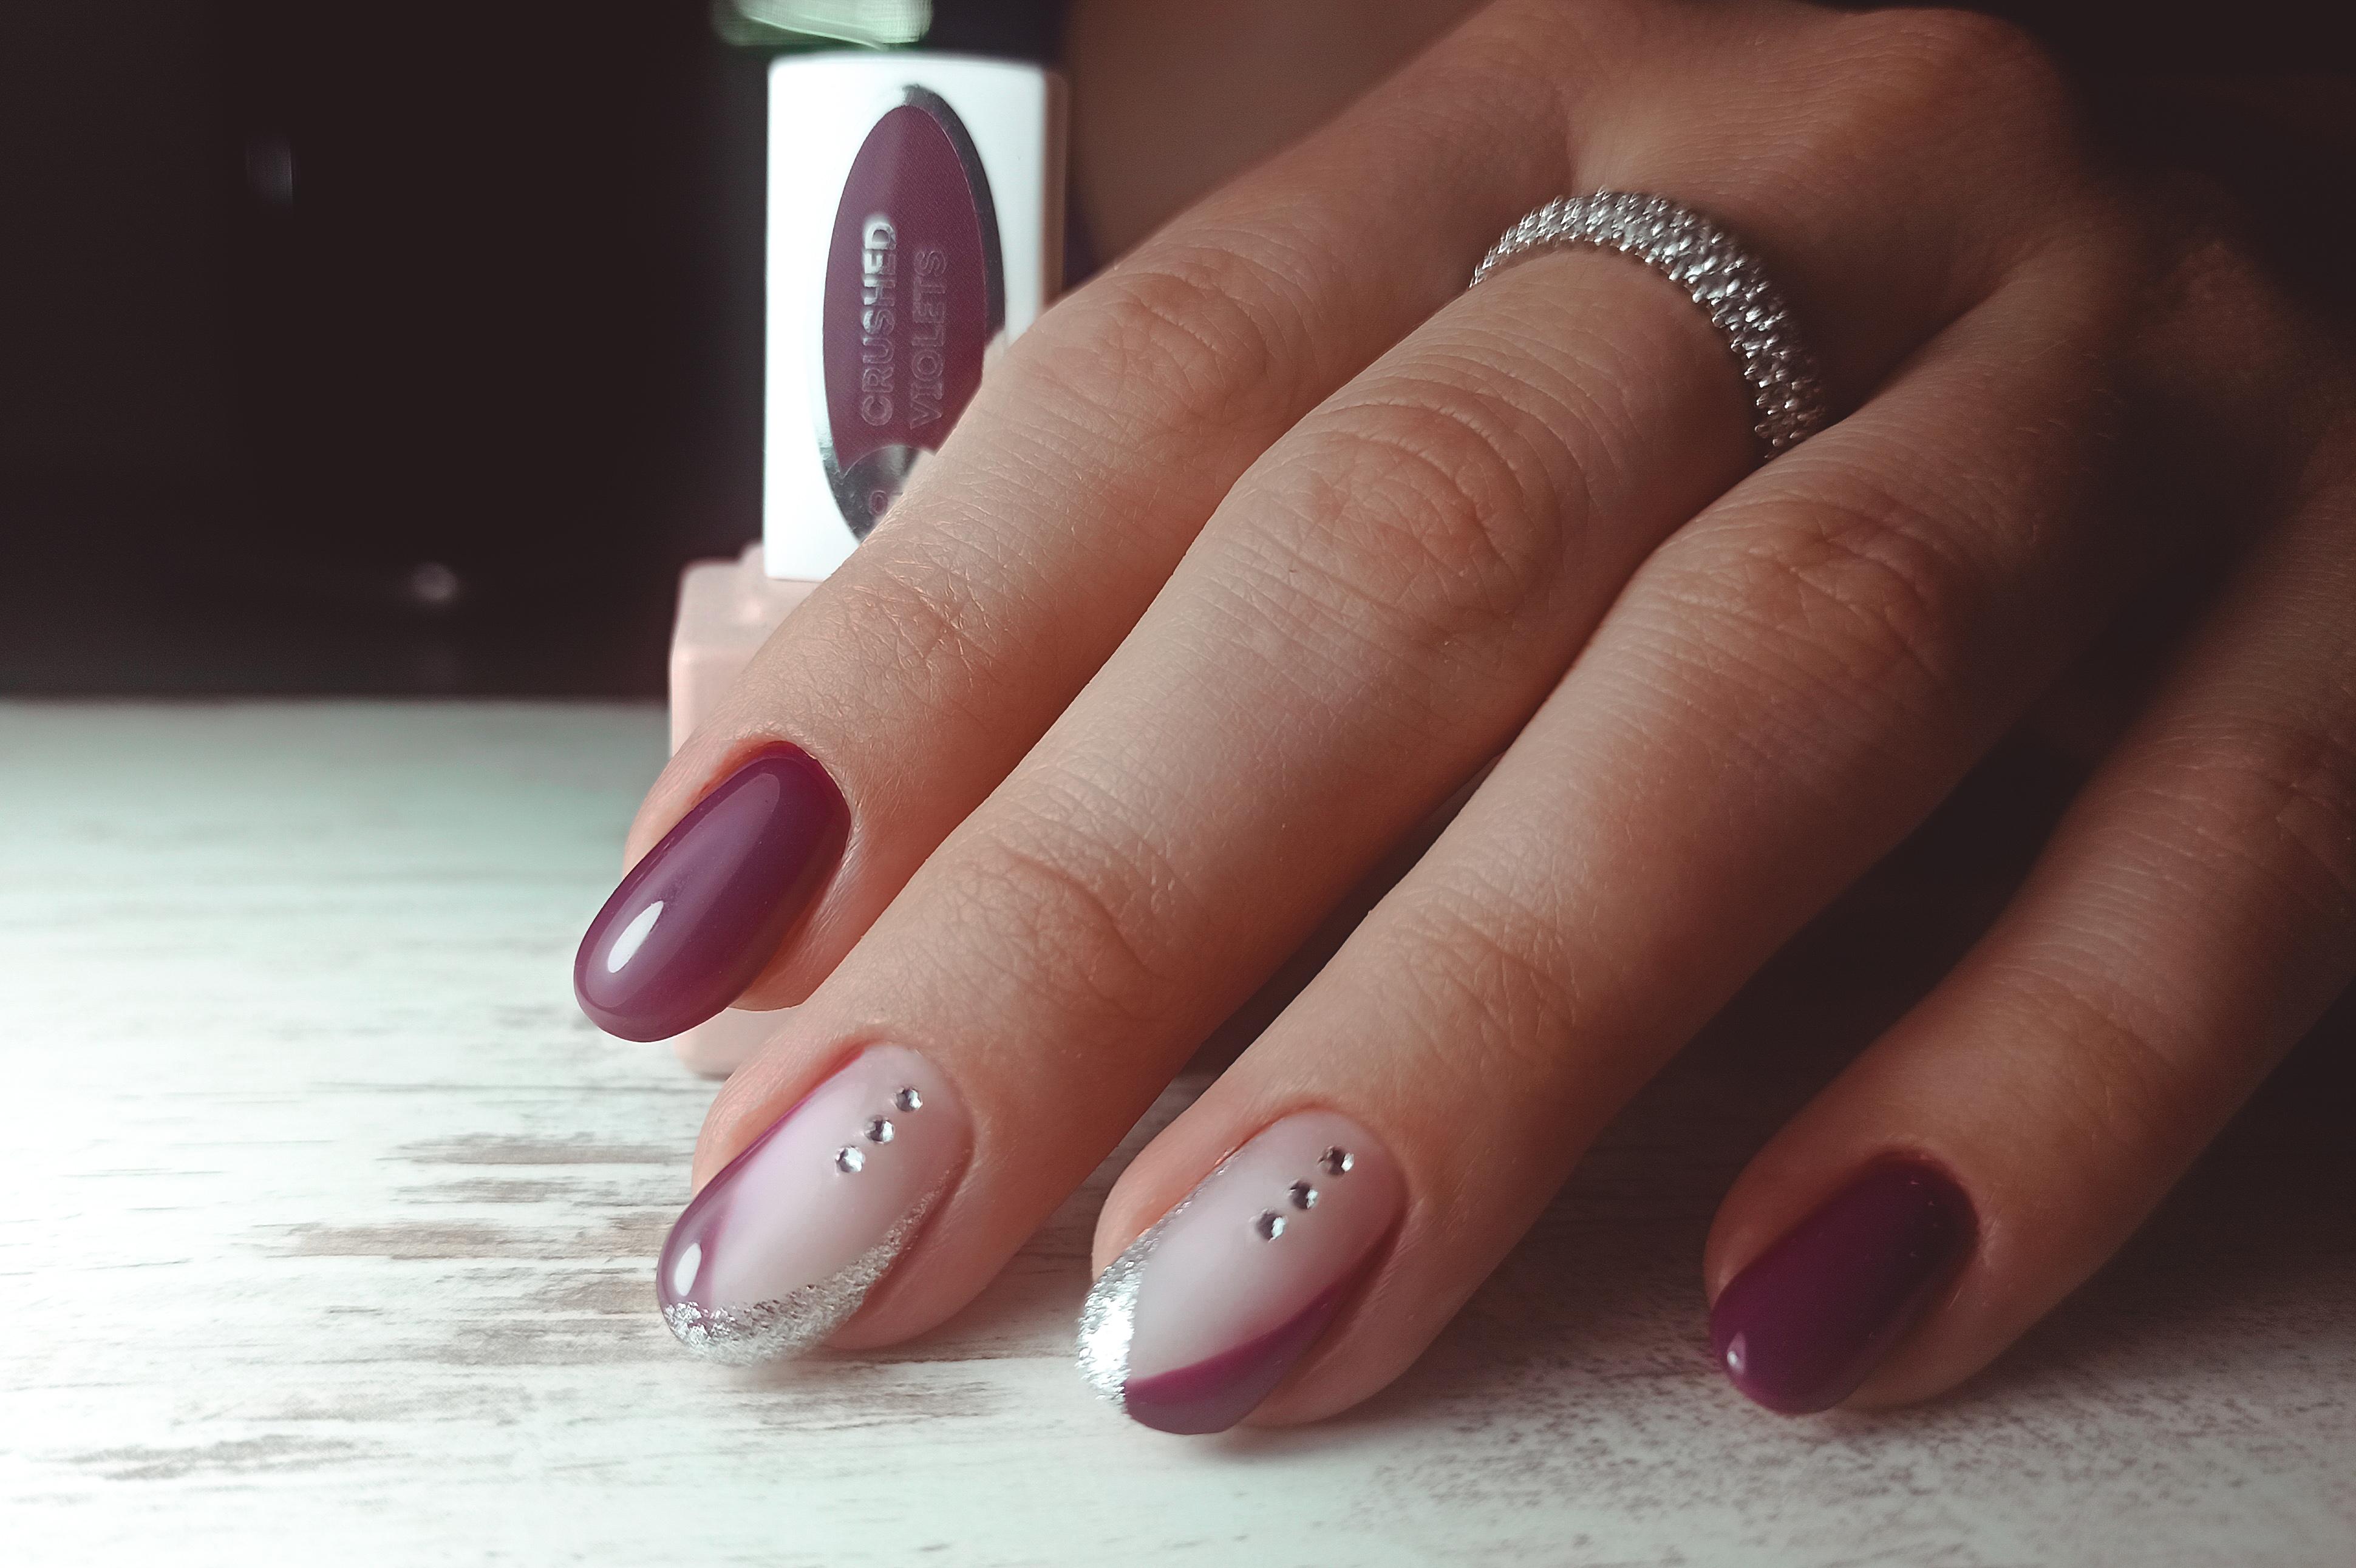 Маникюр с френч-дизайном и стразами в баклажановом цвете на короткие ногти.